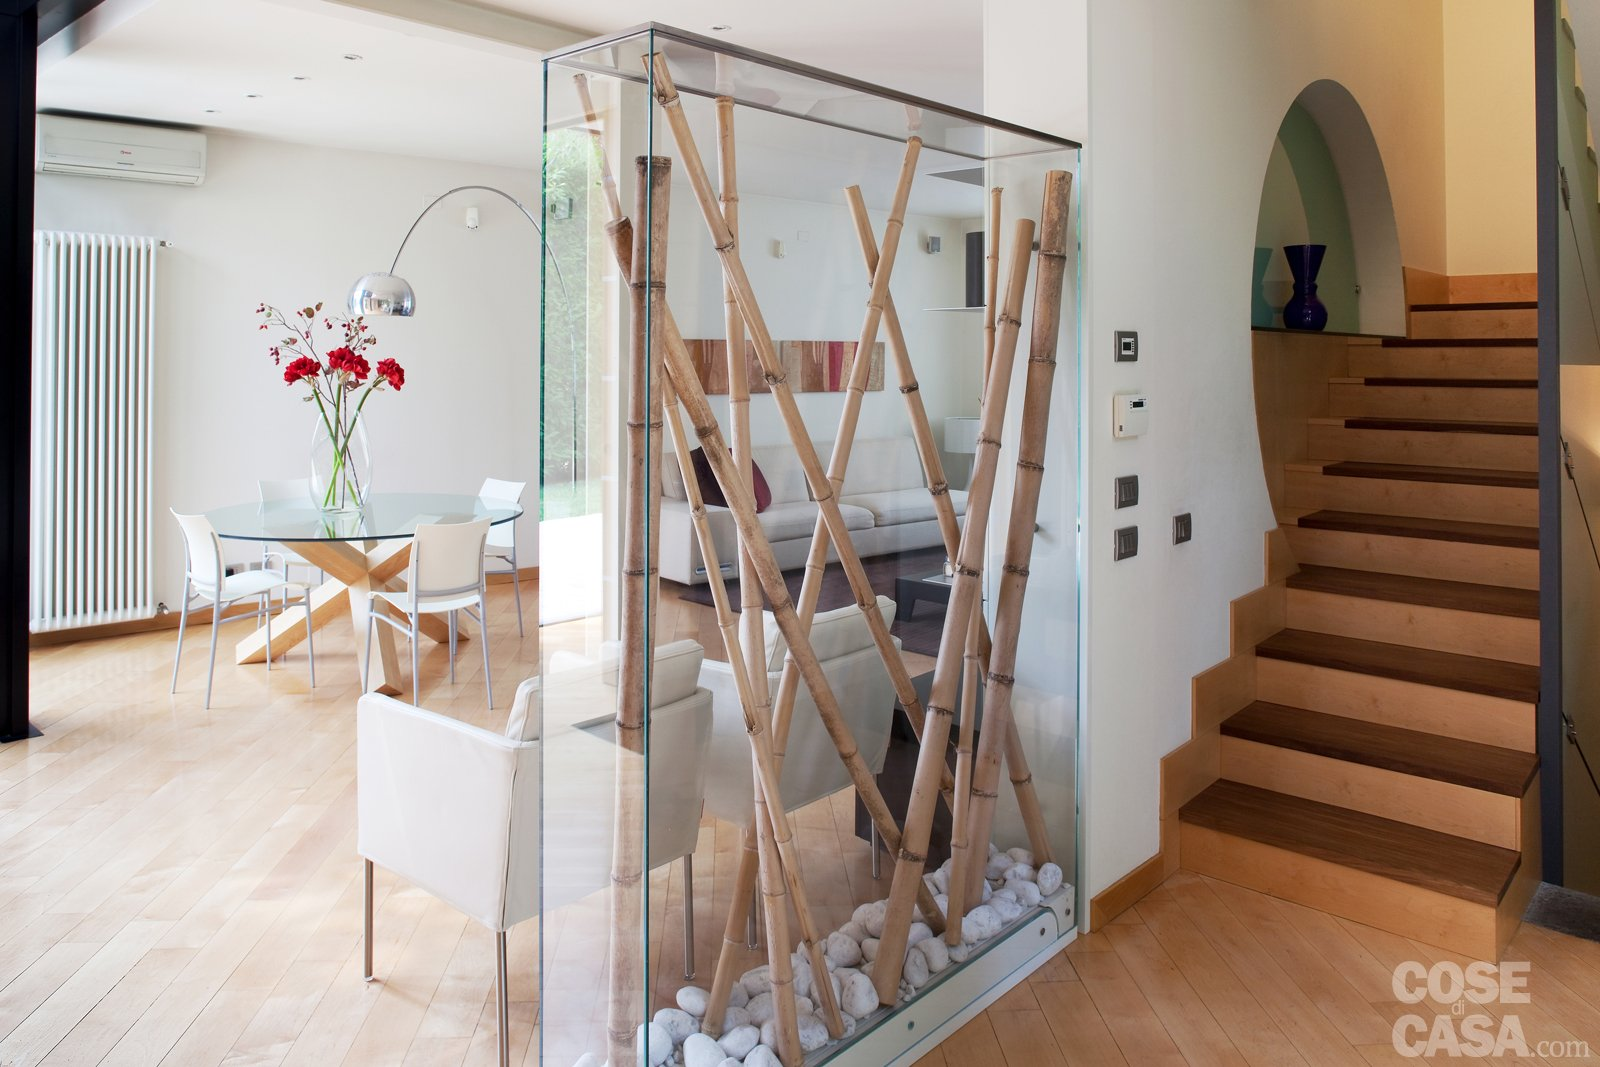 Una casa con soluzioni che moltiplicano la luce cose di casa for Soluzioni economiche per arredare casa